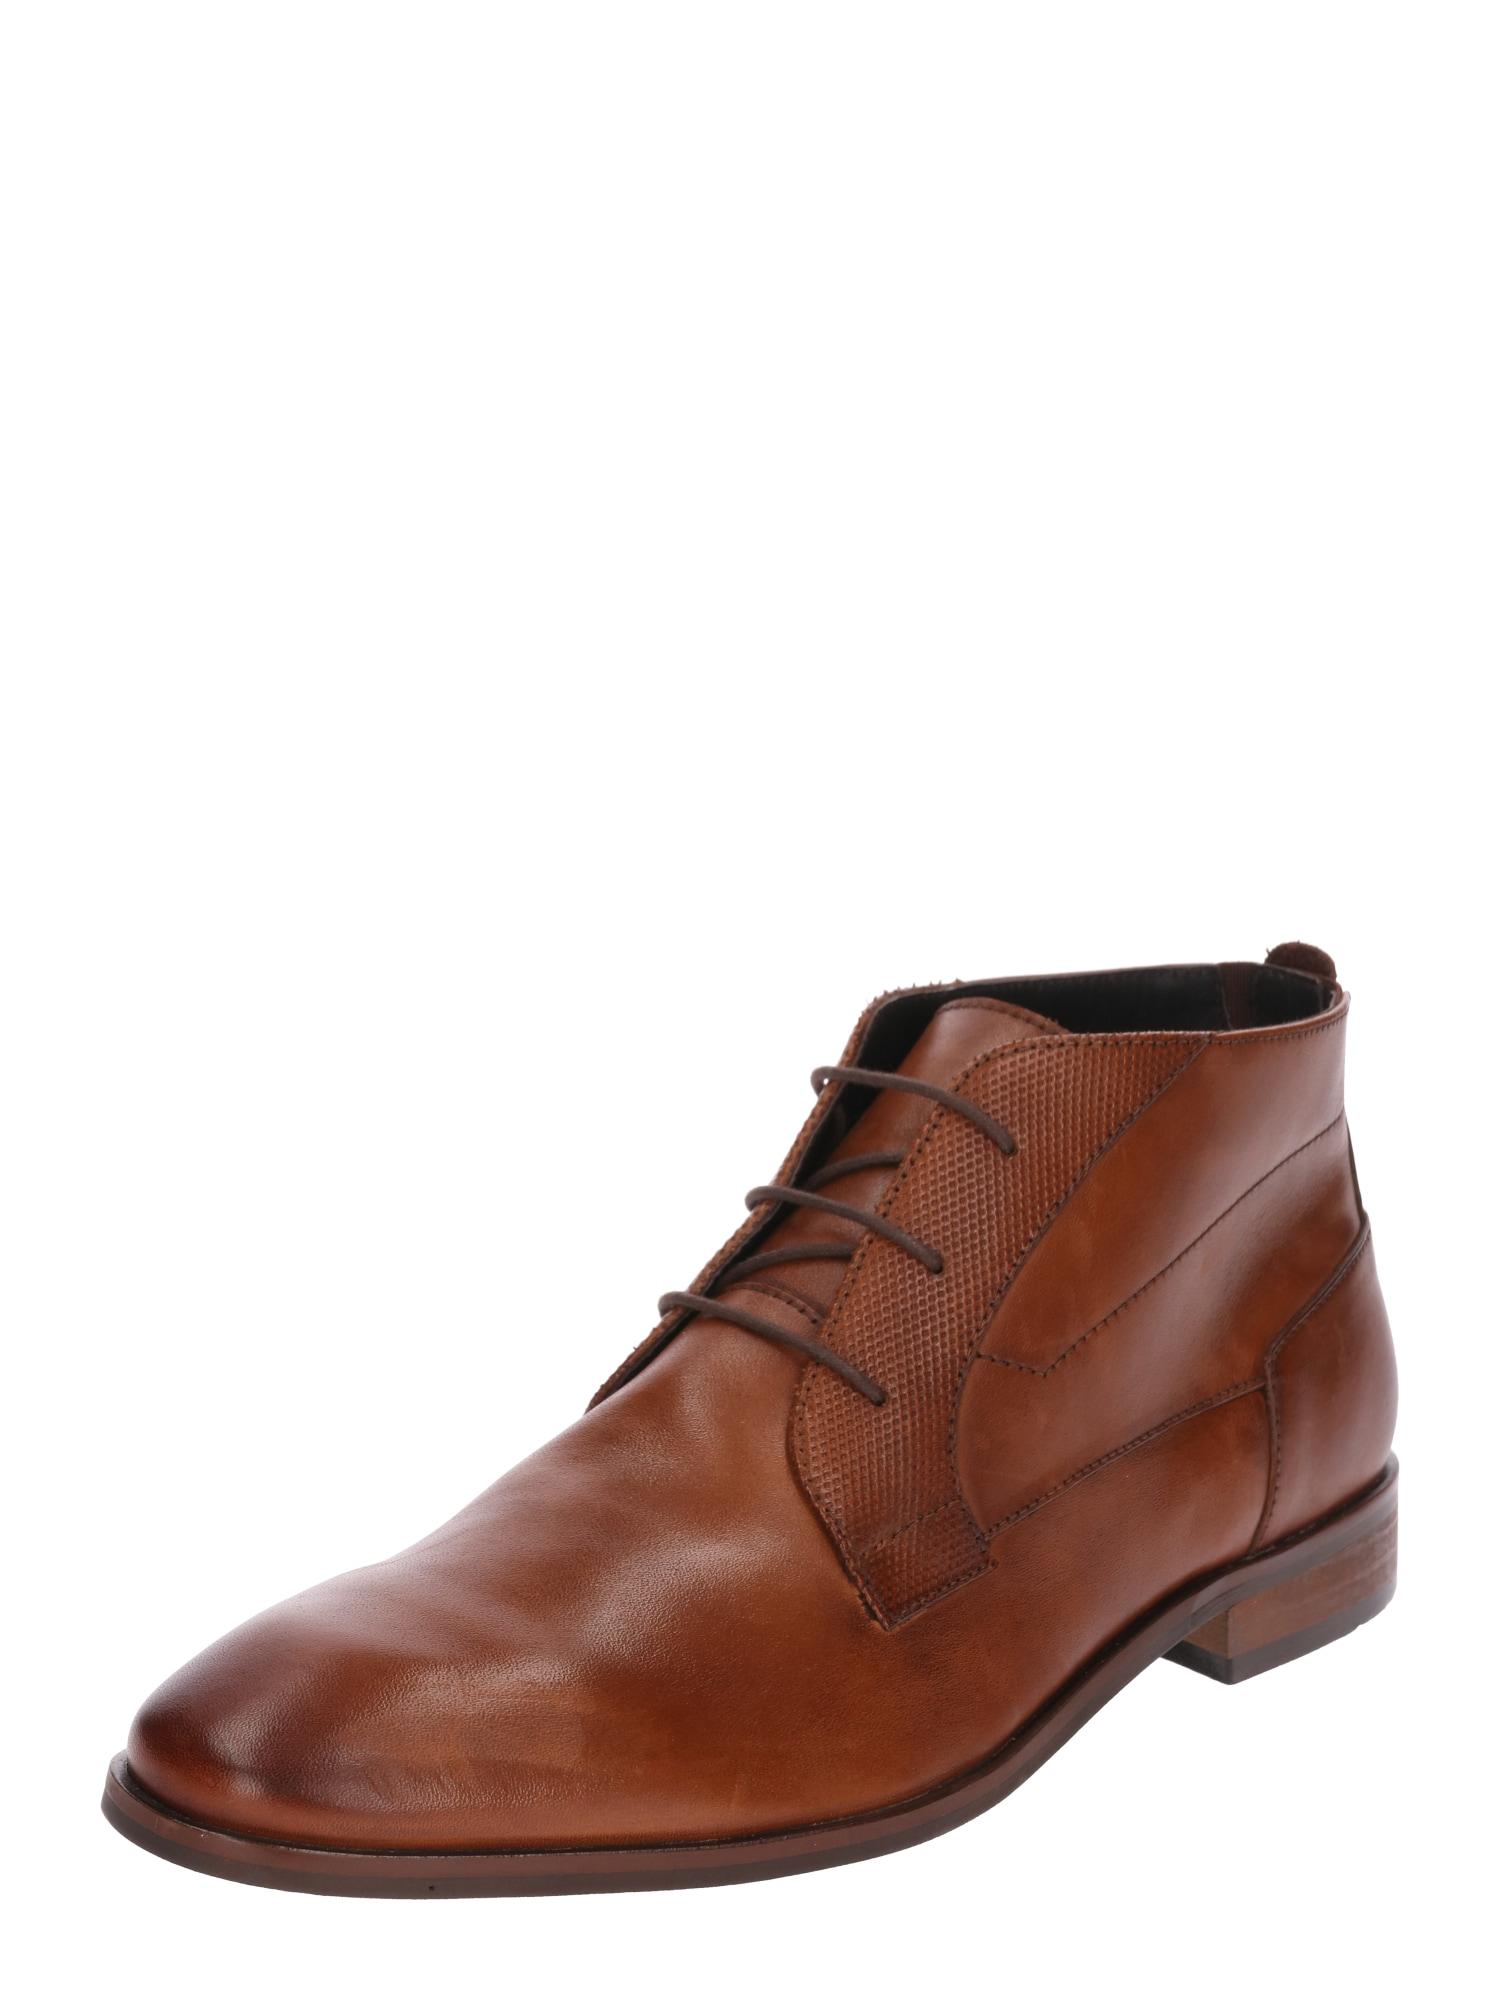 Šněrovací boty Joshua hnědá ABOUT YOU